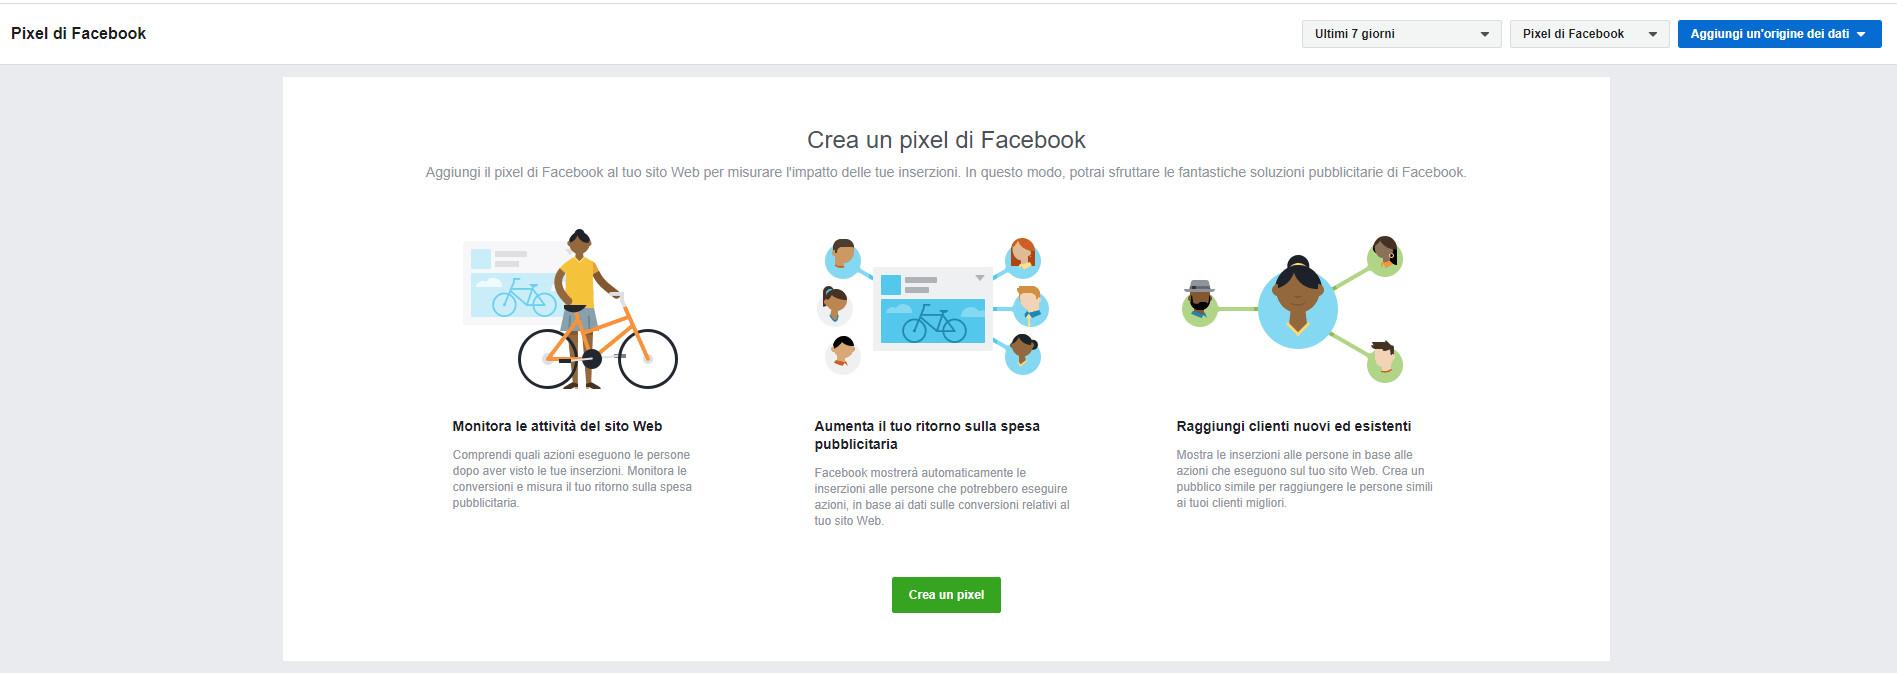 Configurazione Pixel di Facebook - Crea un pixel